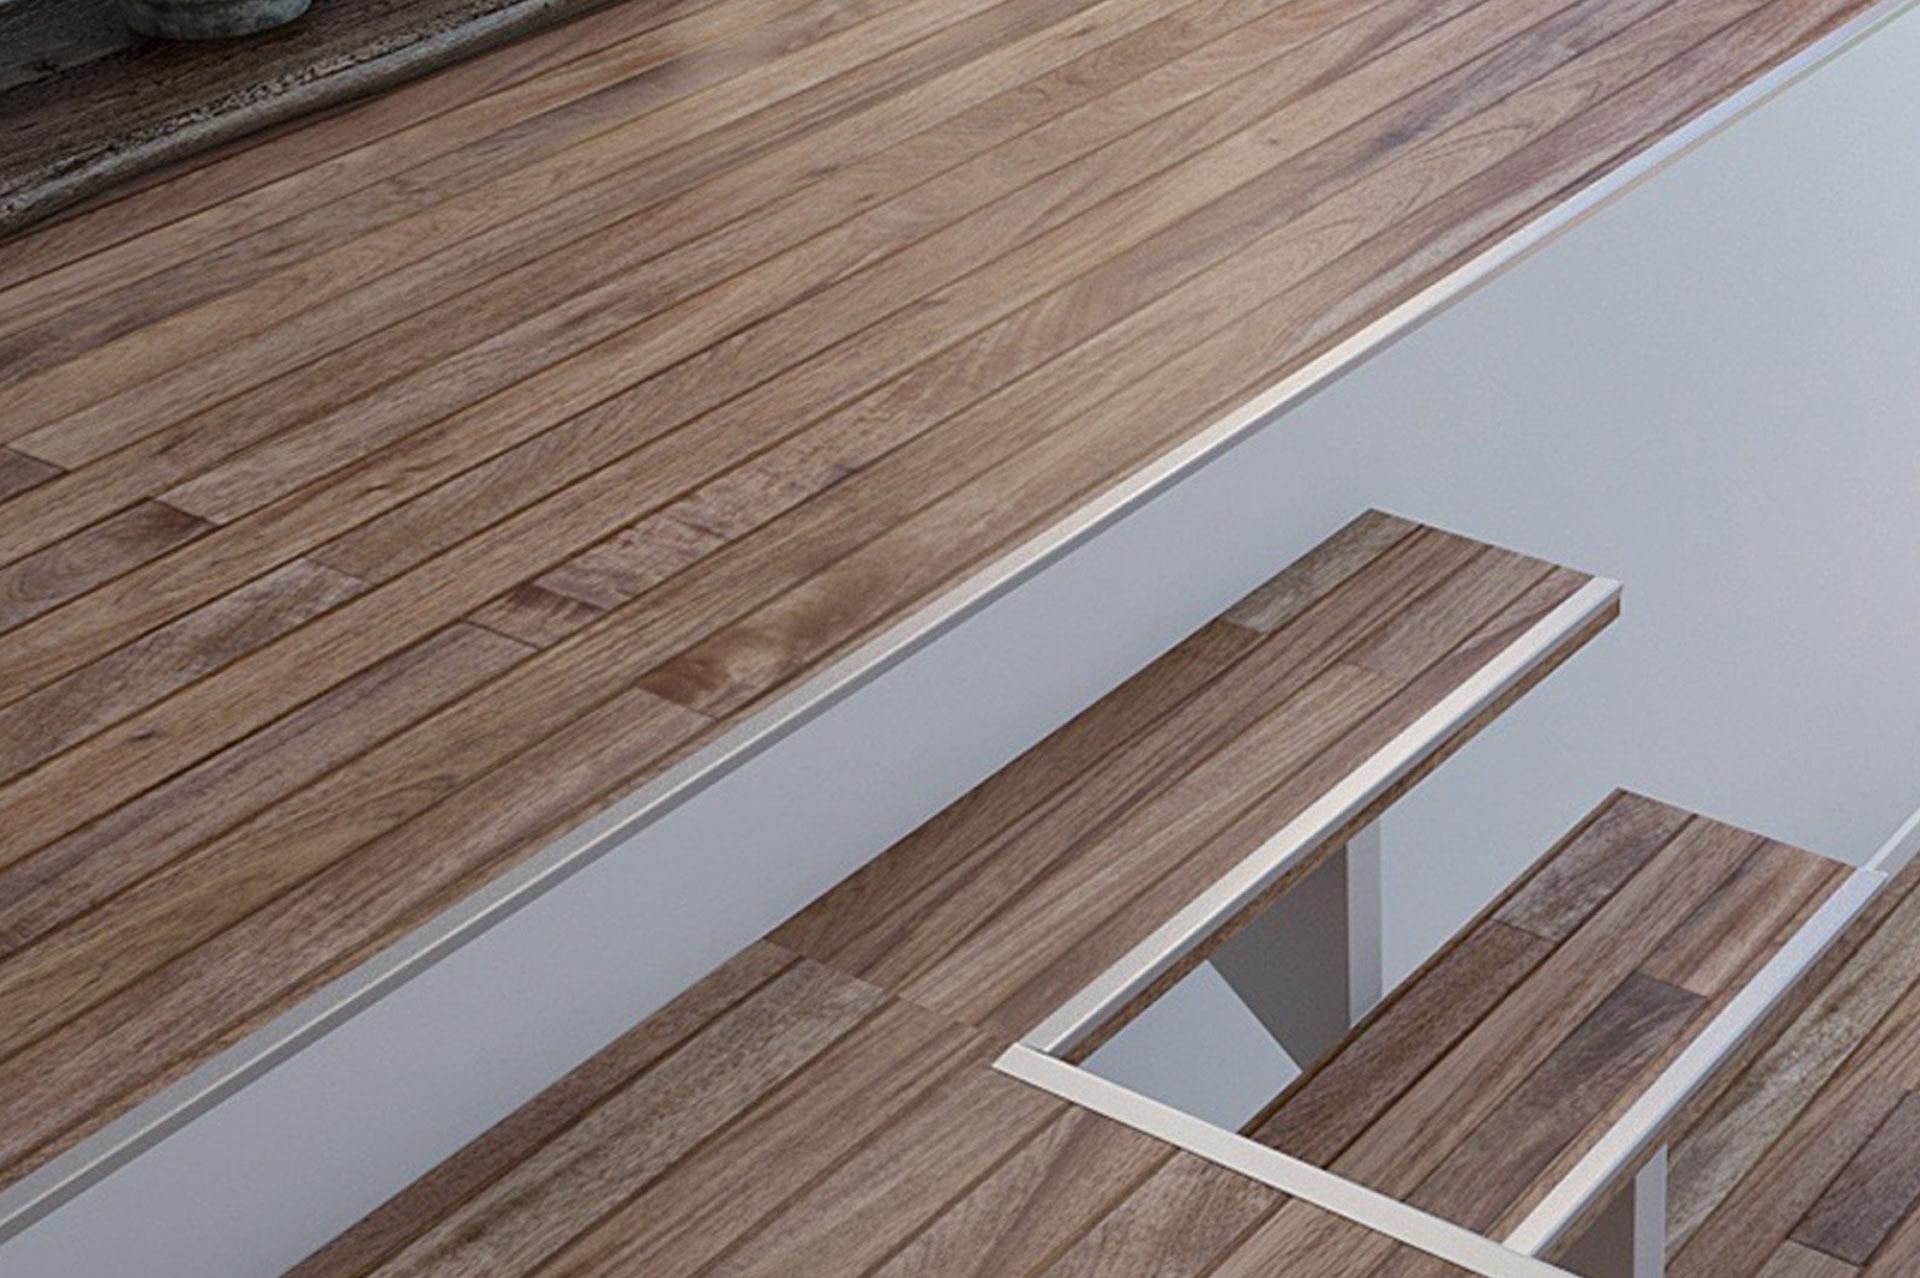 Verlegearbeiten Teppiche PVC Laminat Designbeläge Bioböden